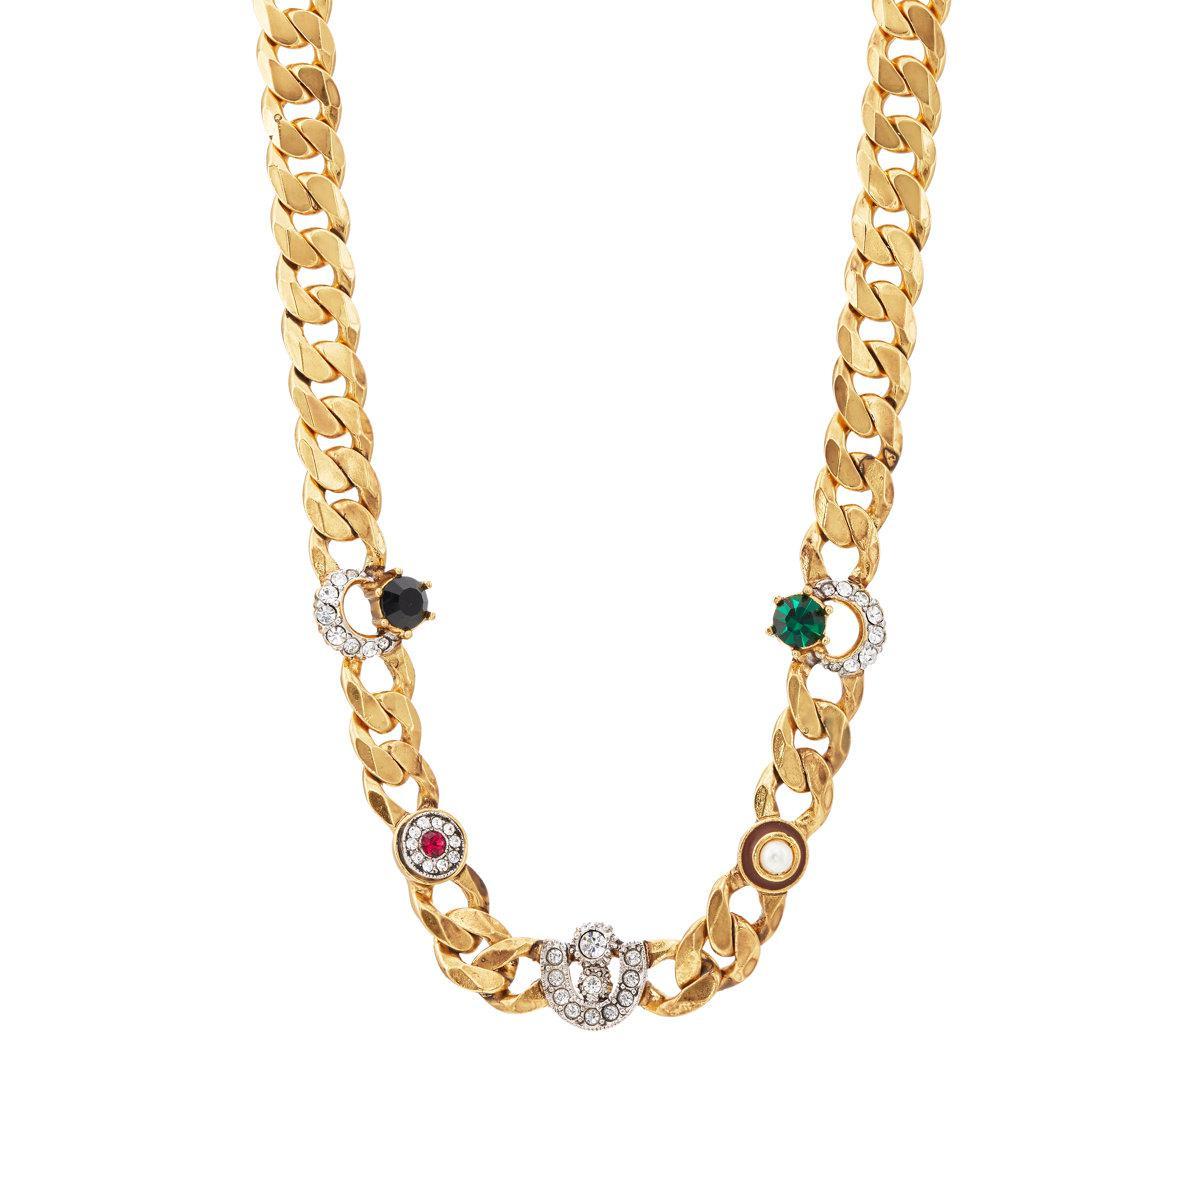 Maison Mayle Womens Luna Necklace akXf8l5Qrv